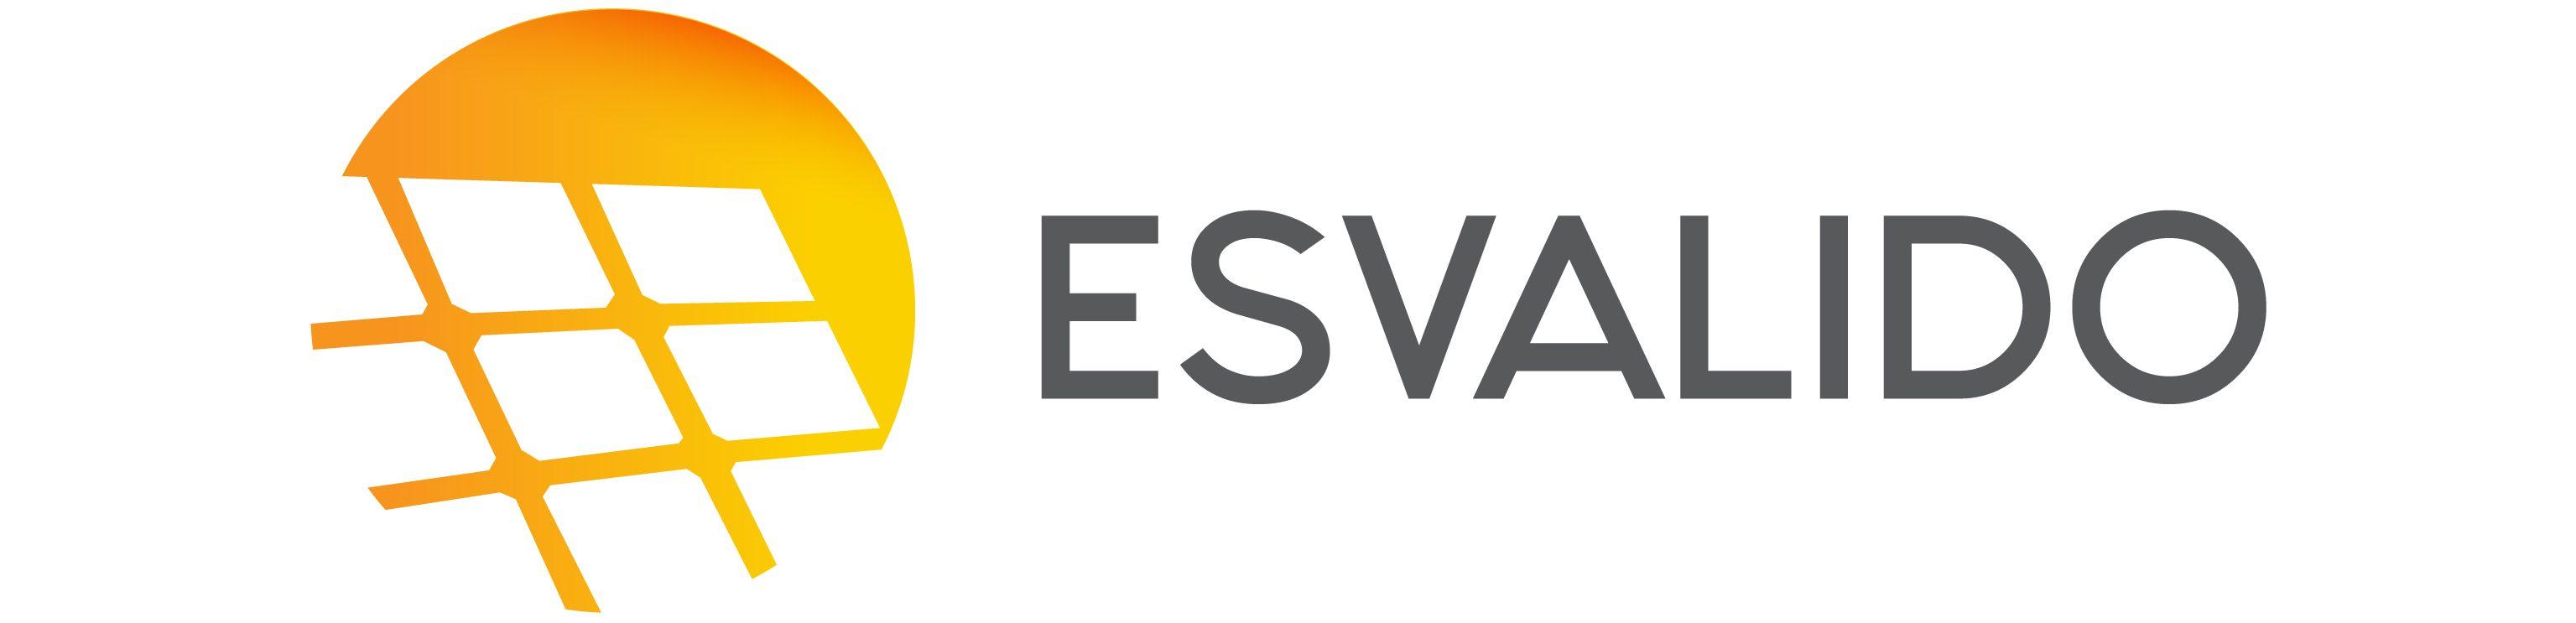 ESVALIOSO.COM